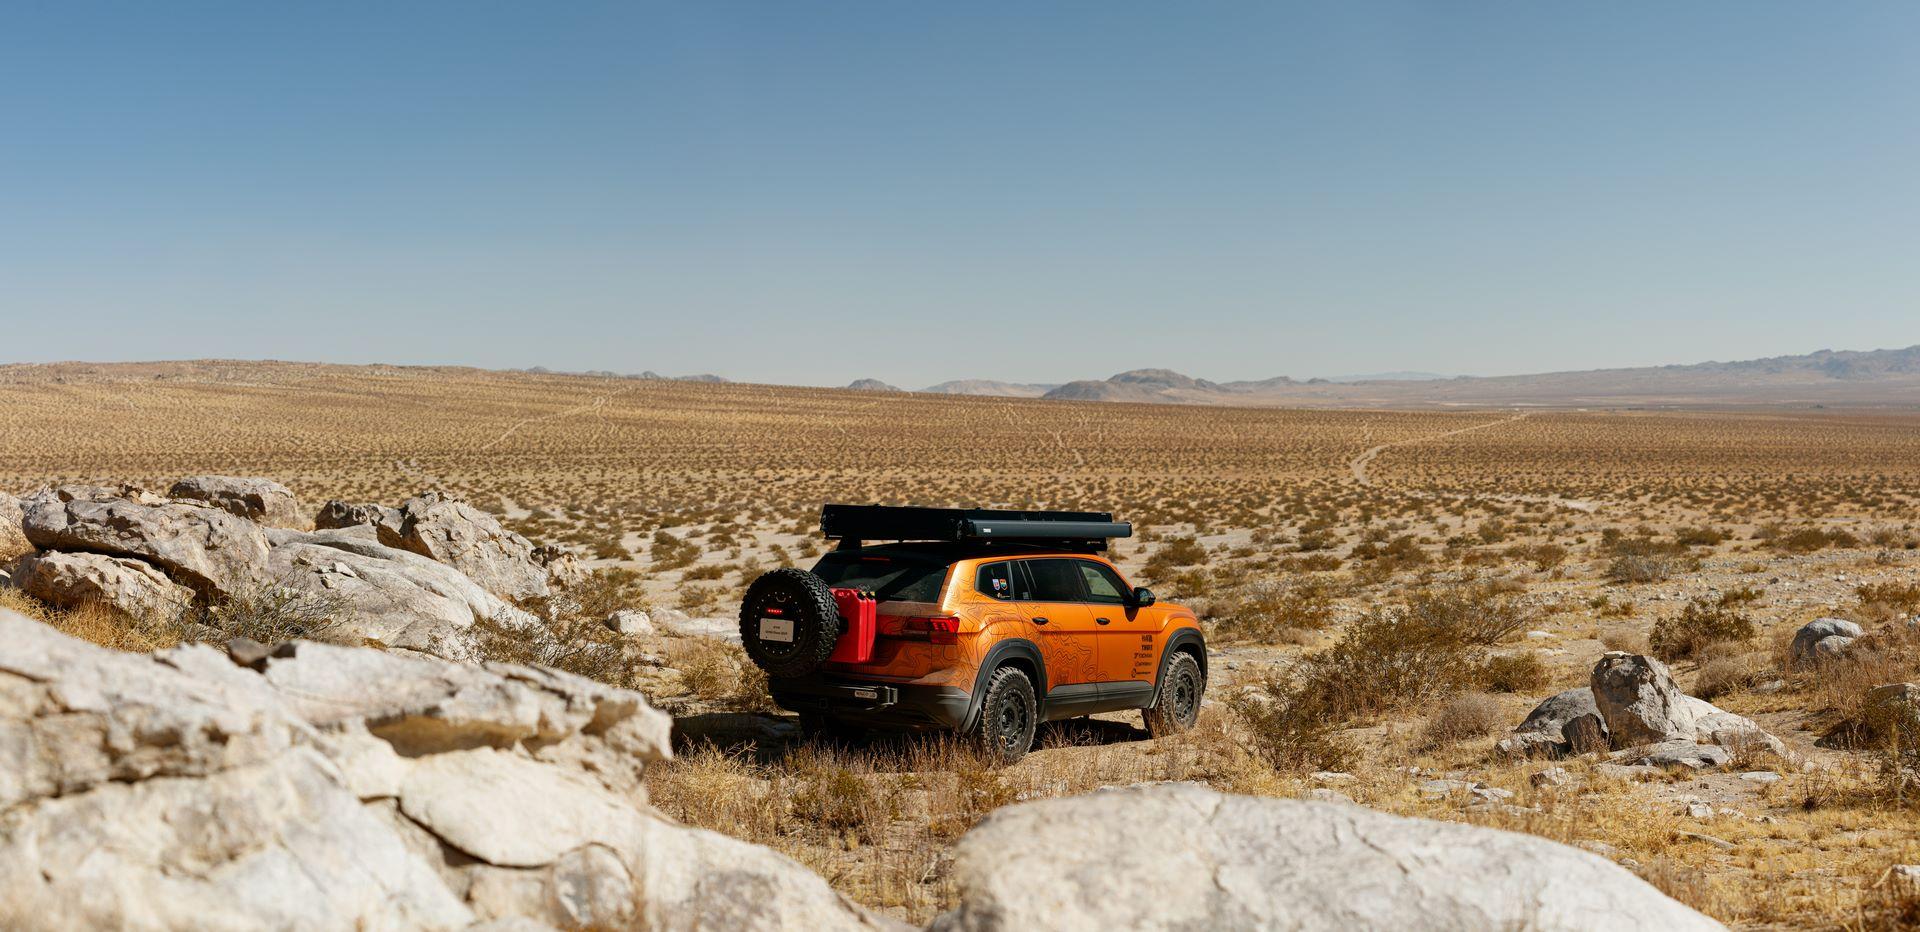 Volkswagen_Atlas_Adventure_Concept-10441